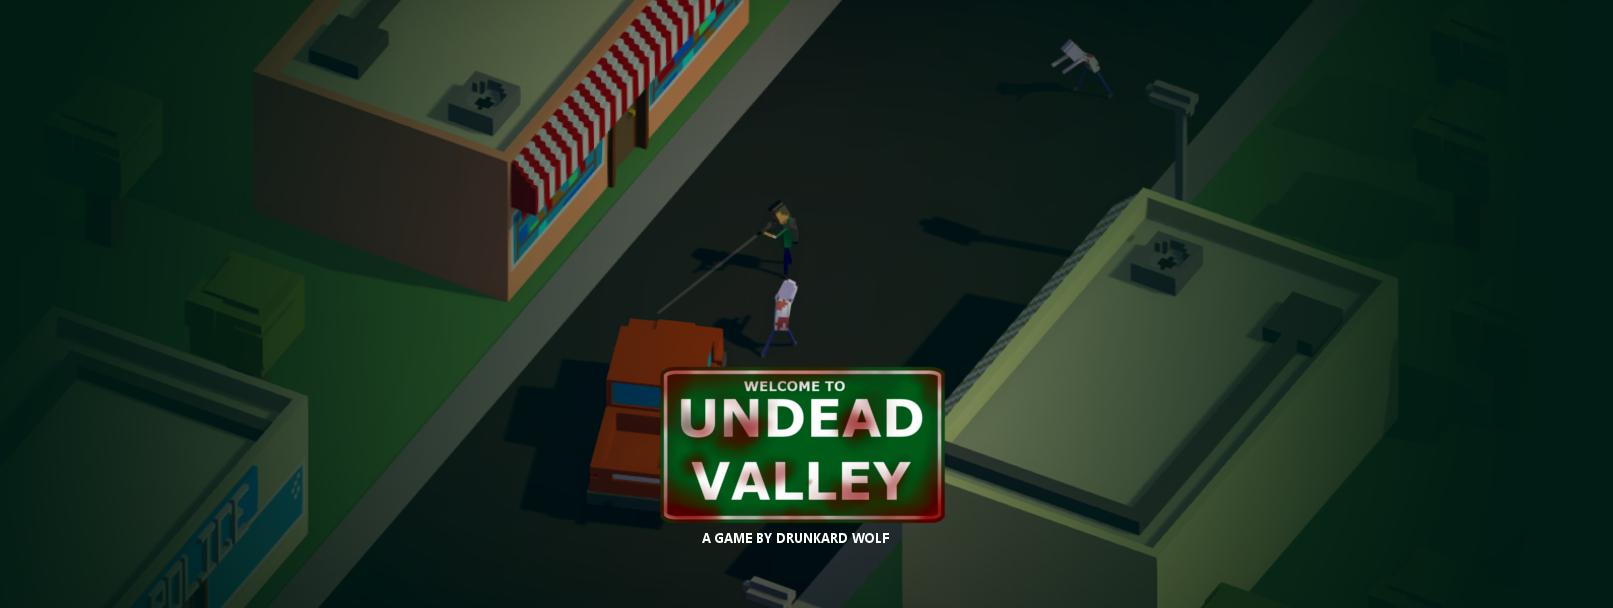 Undead Valley Banner